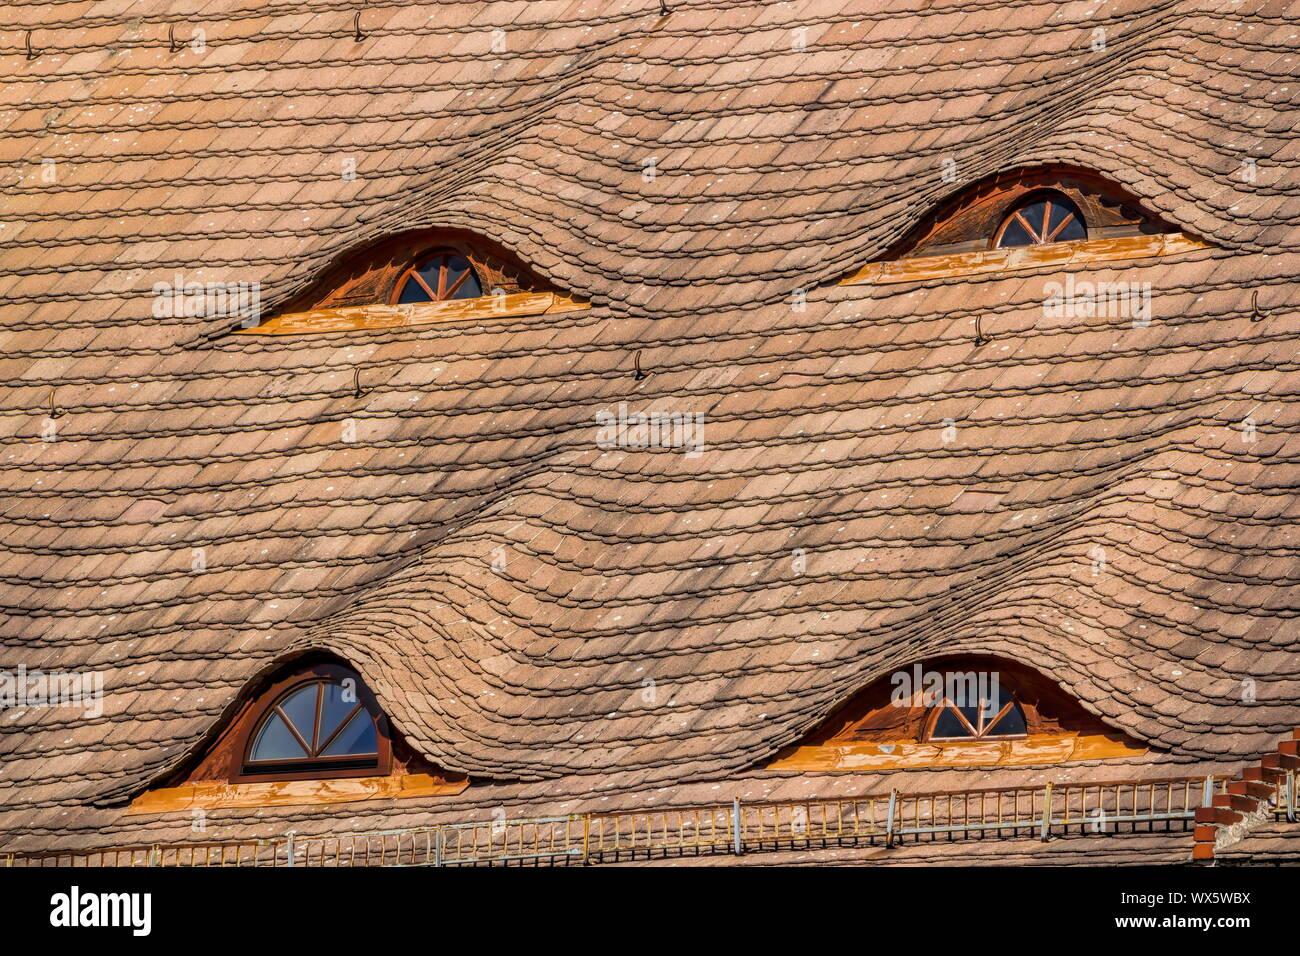 Torgau, Skylight Stock Photo